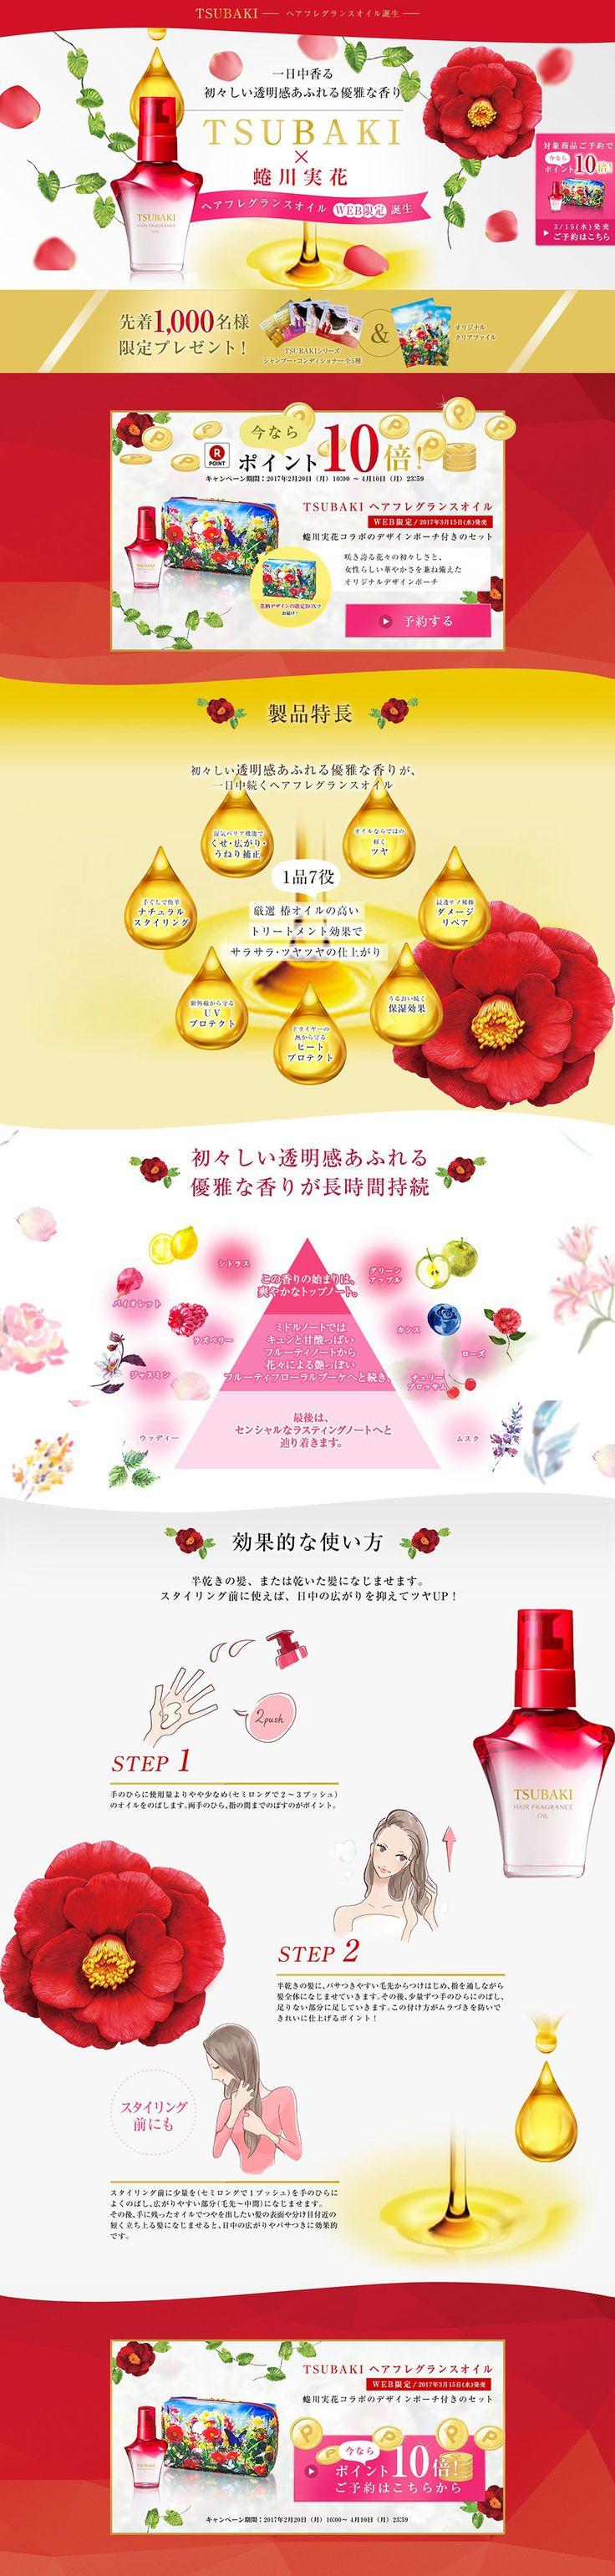 TSUBAKI WEB限定ヘアフレグランスオイル【健康・美容食品関連】のLPデザイン。WEBデザイナーさん必見!ランディングページのデザイン参考に(キレイ系)